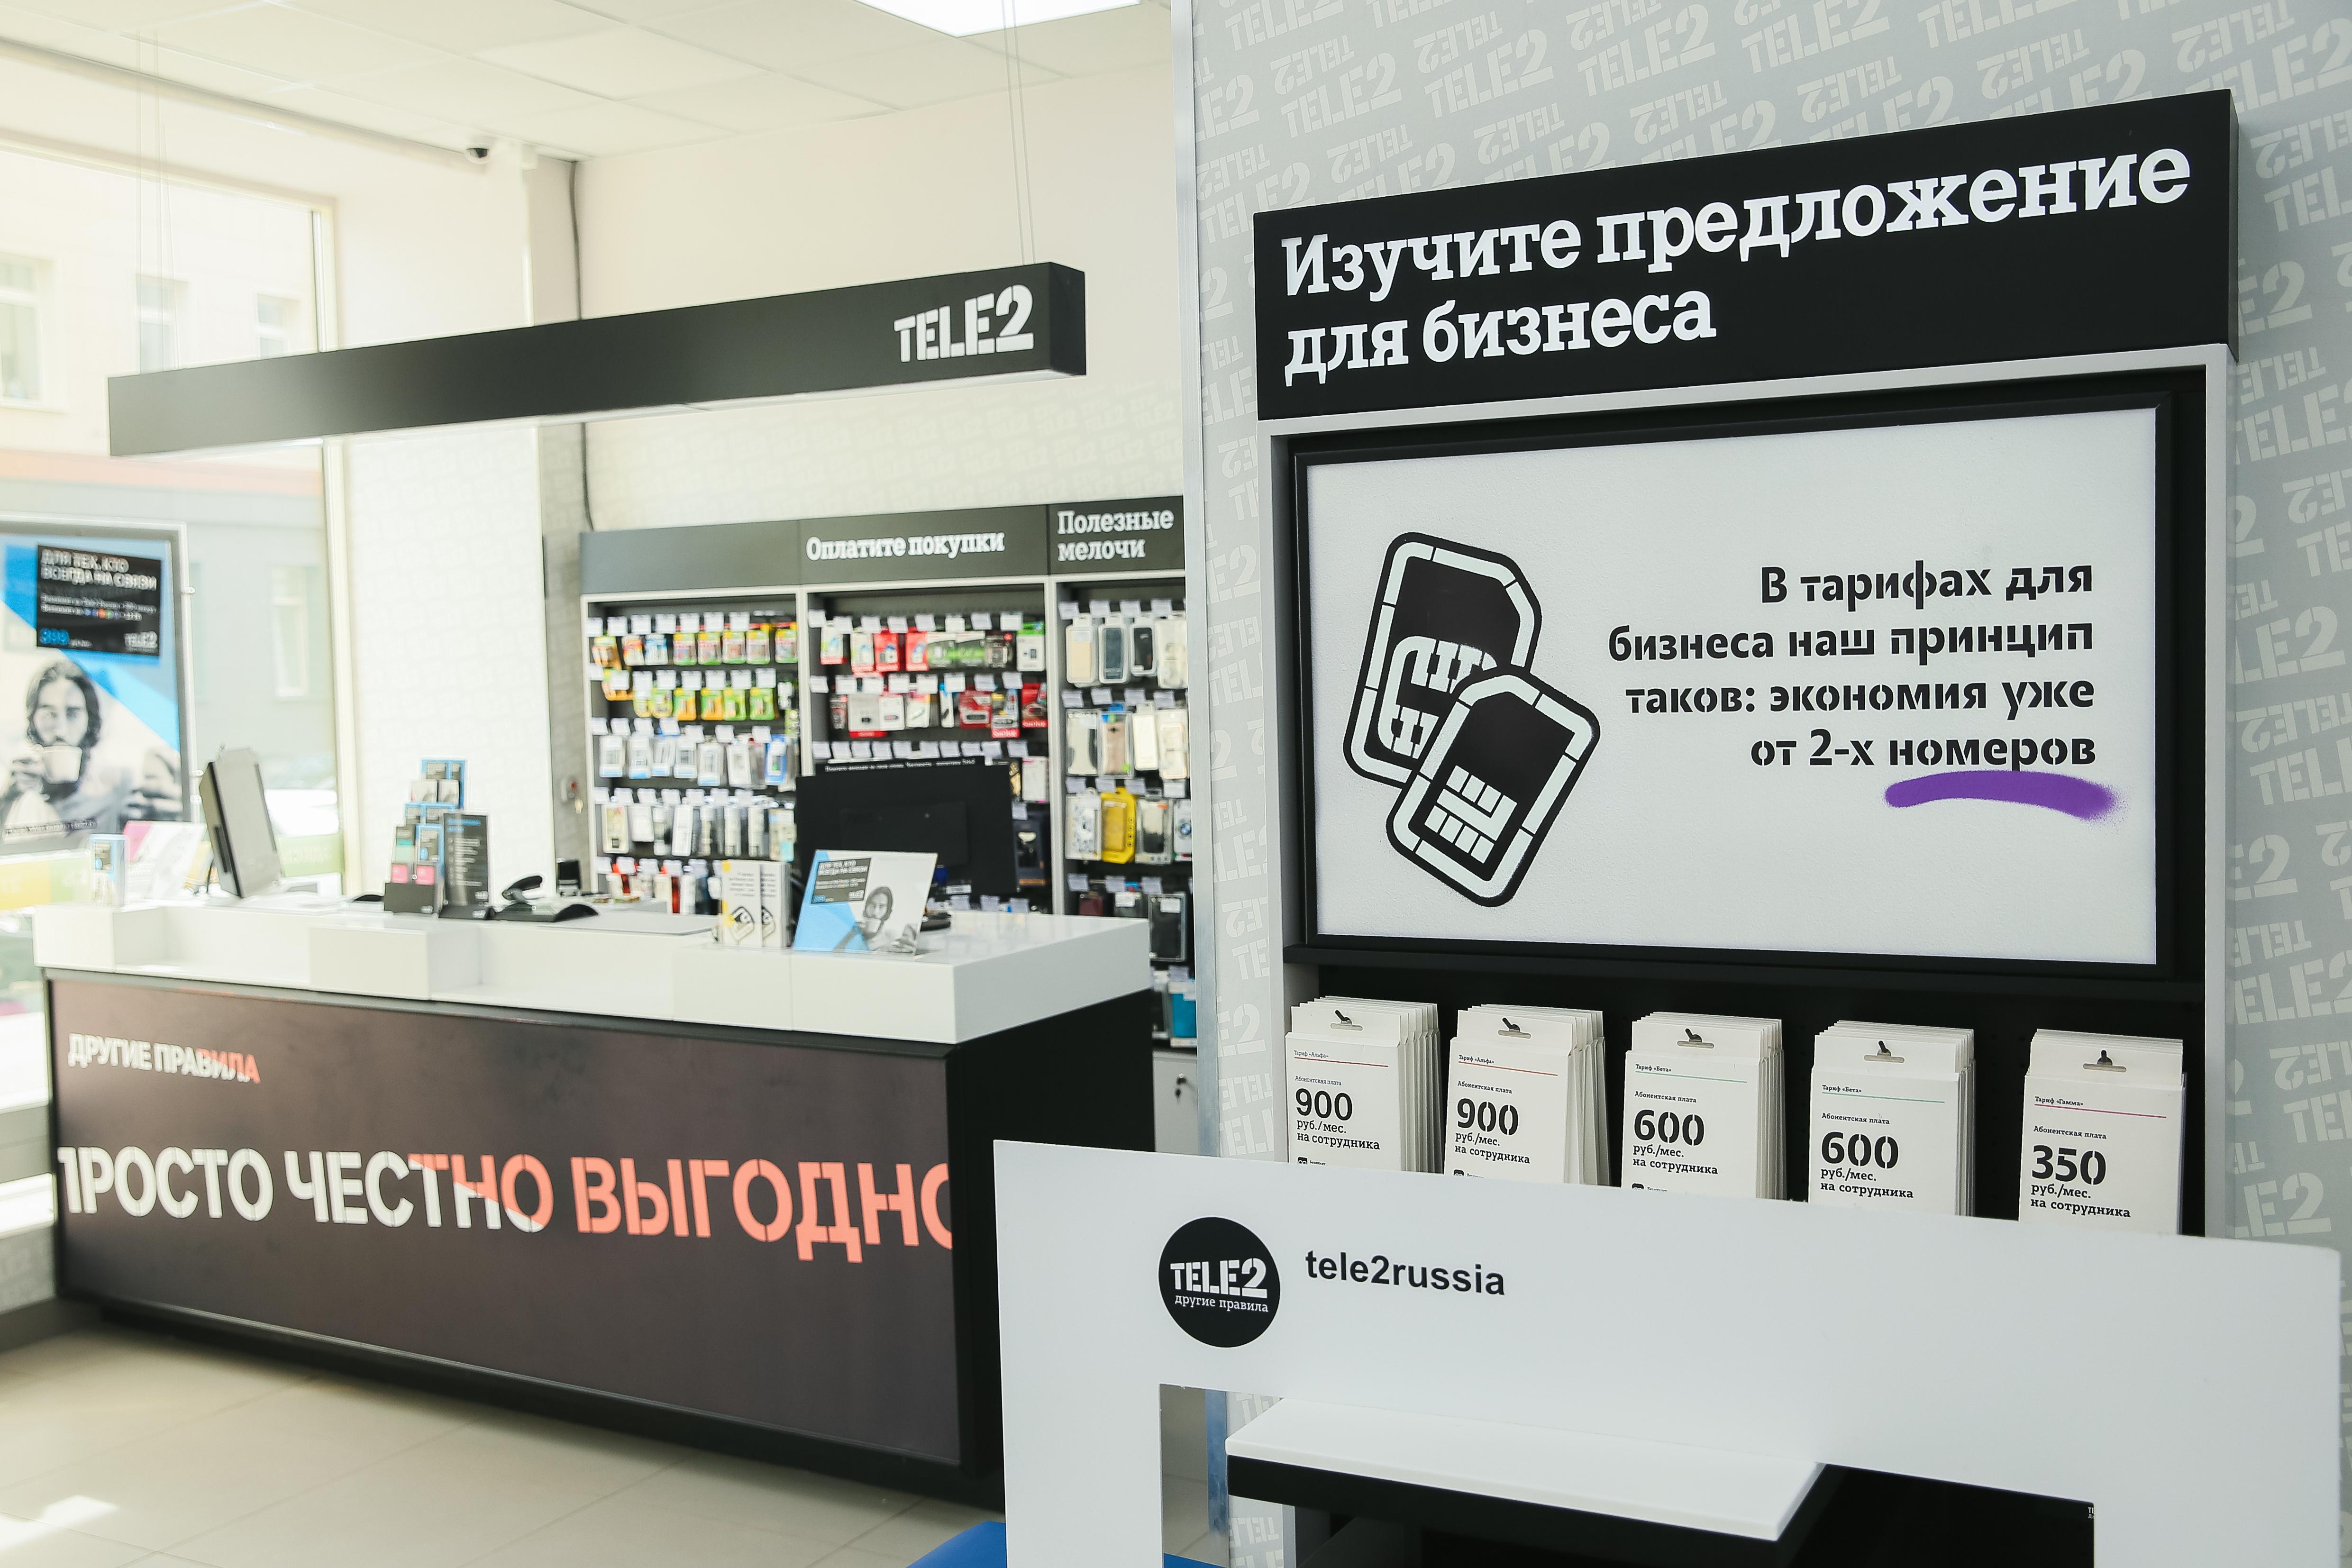 Tele2 поддерживает предпринимателей Мурманска 1